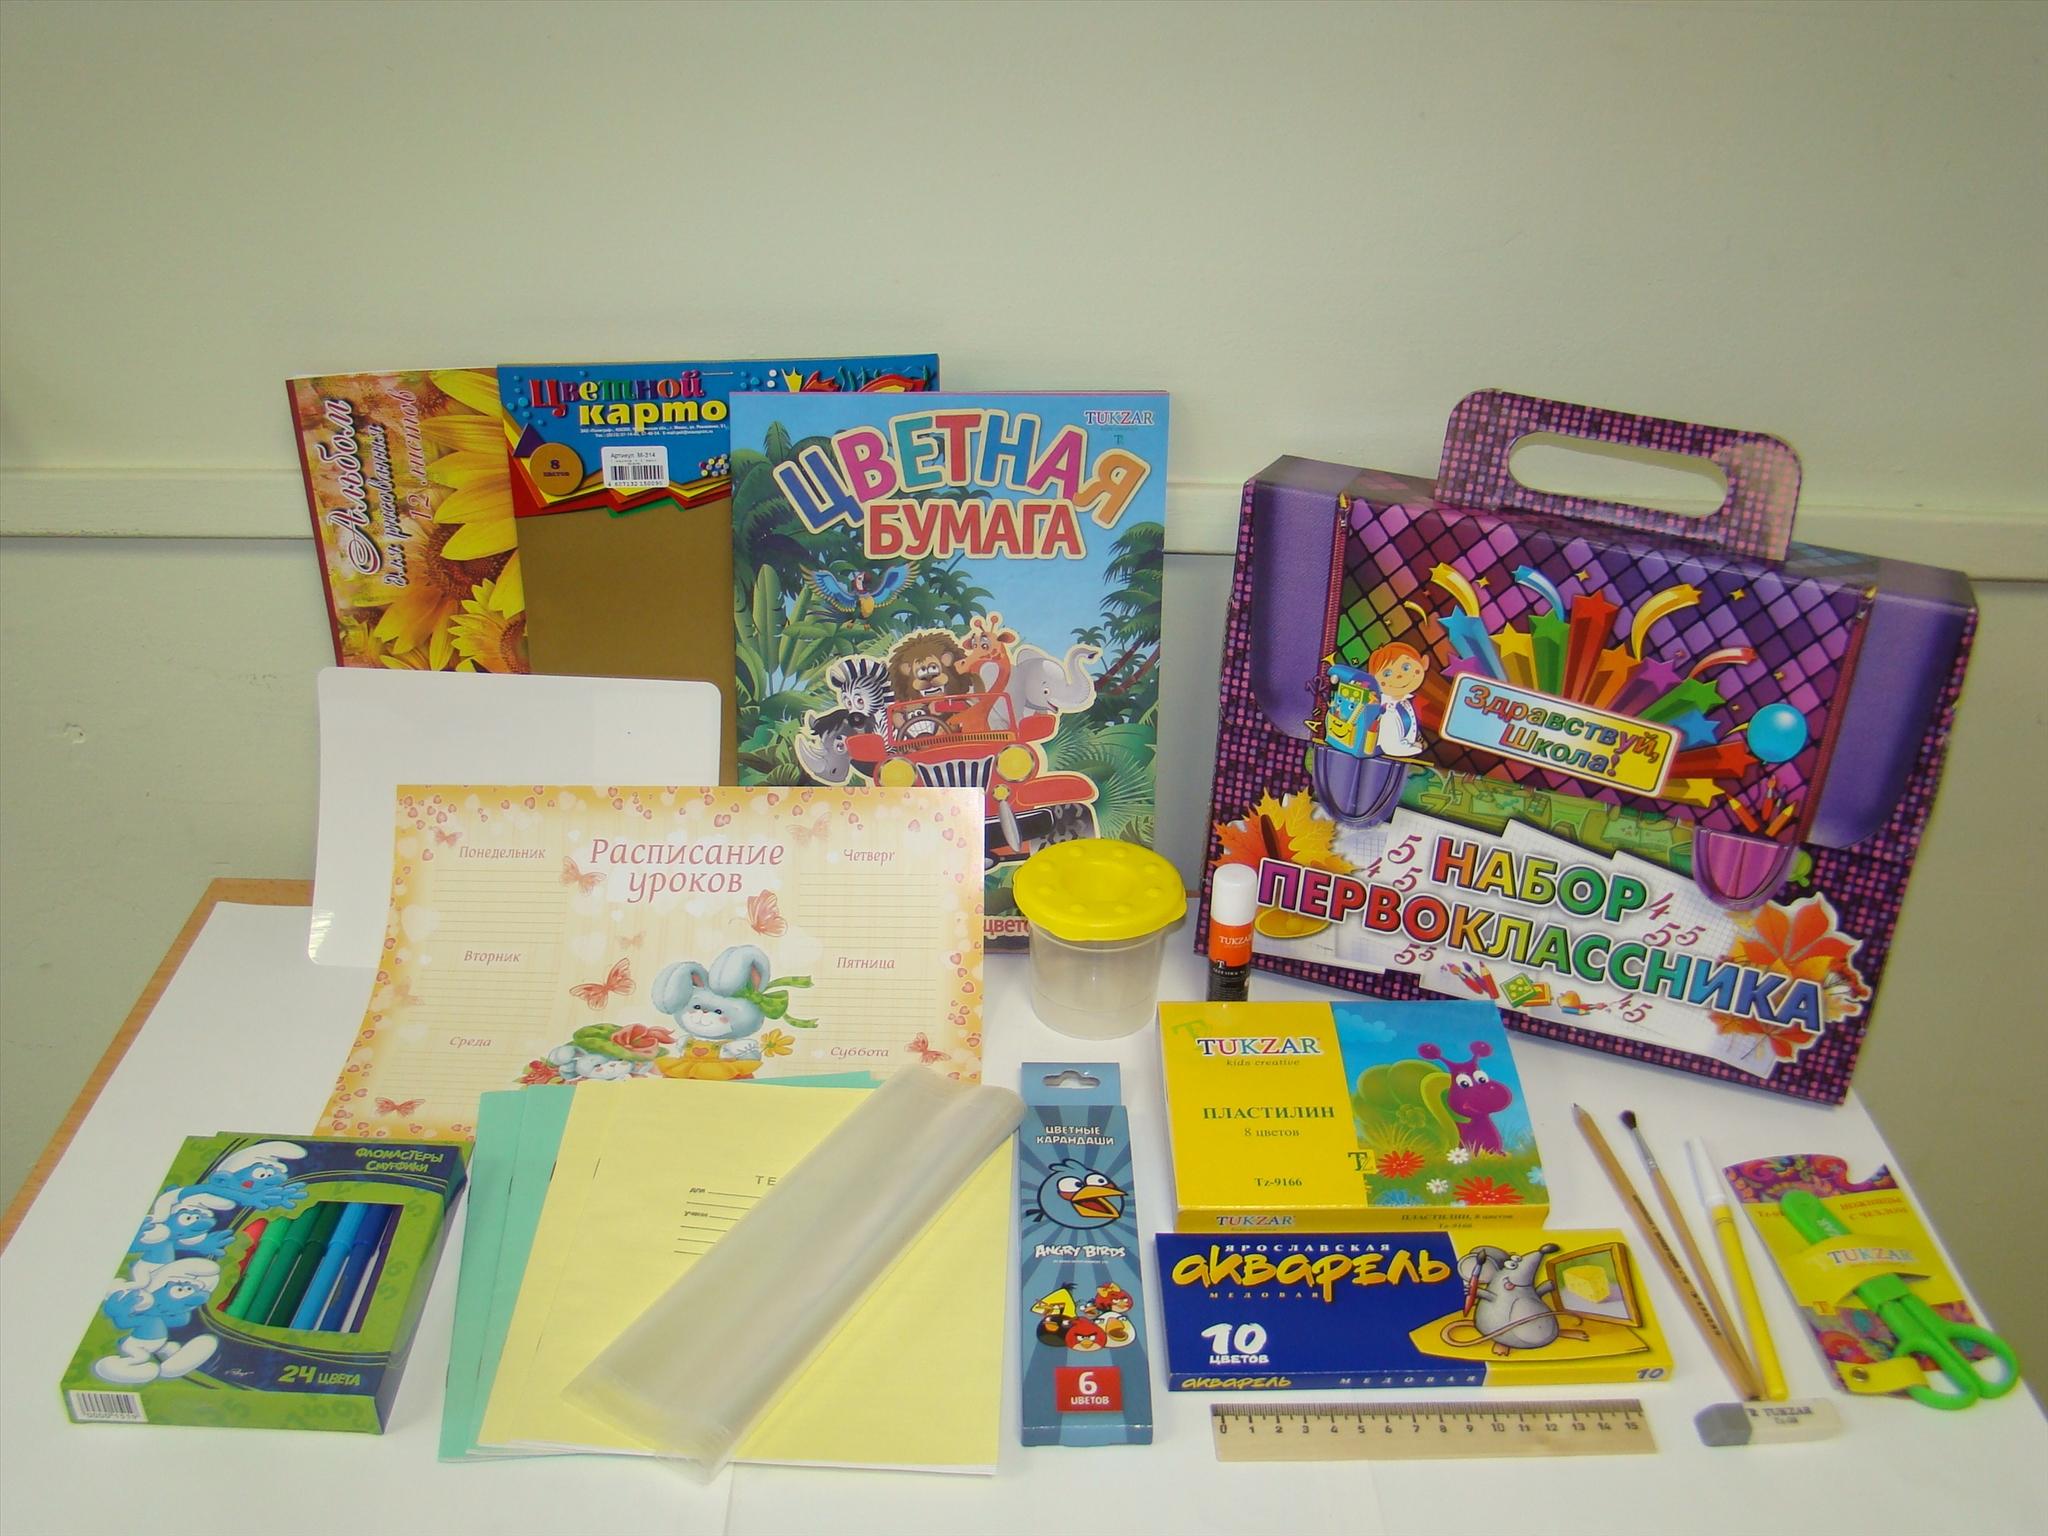 Идеи подарков на выпускной в детском саду фото